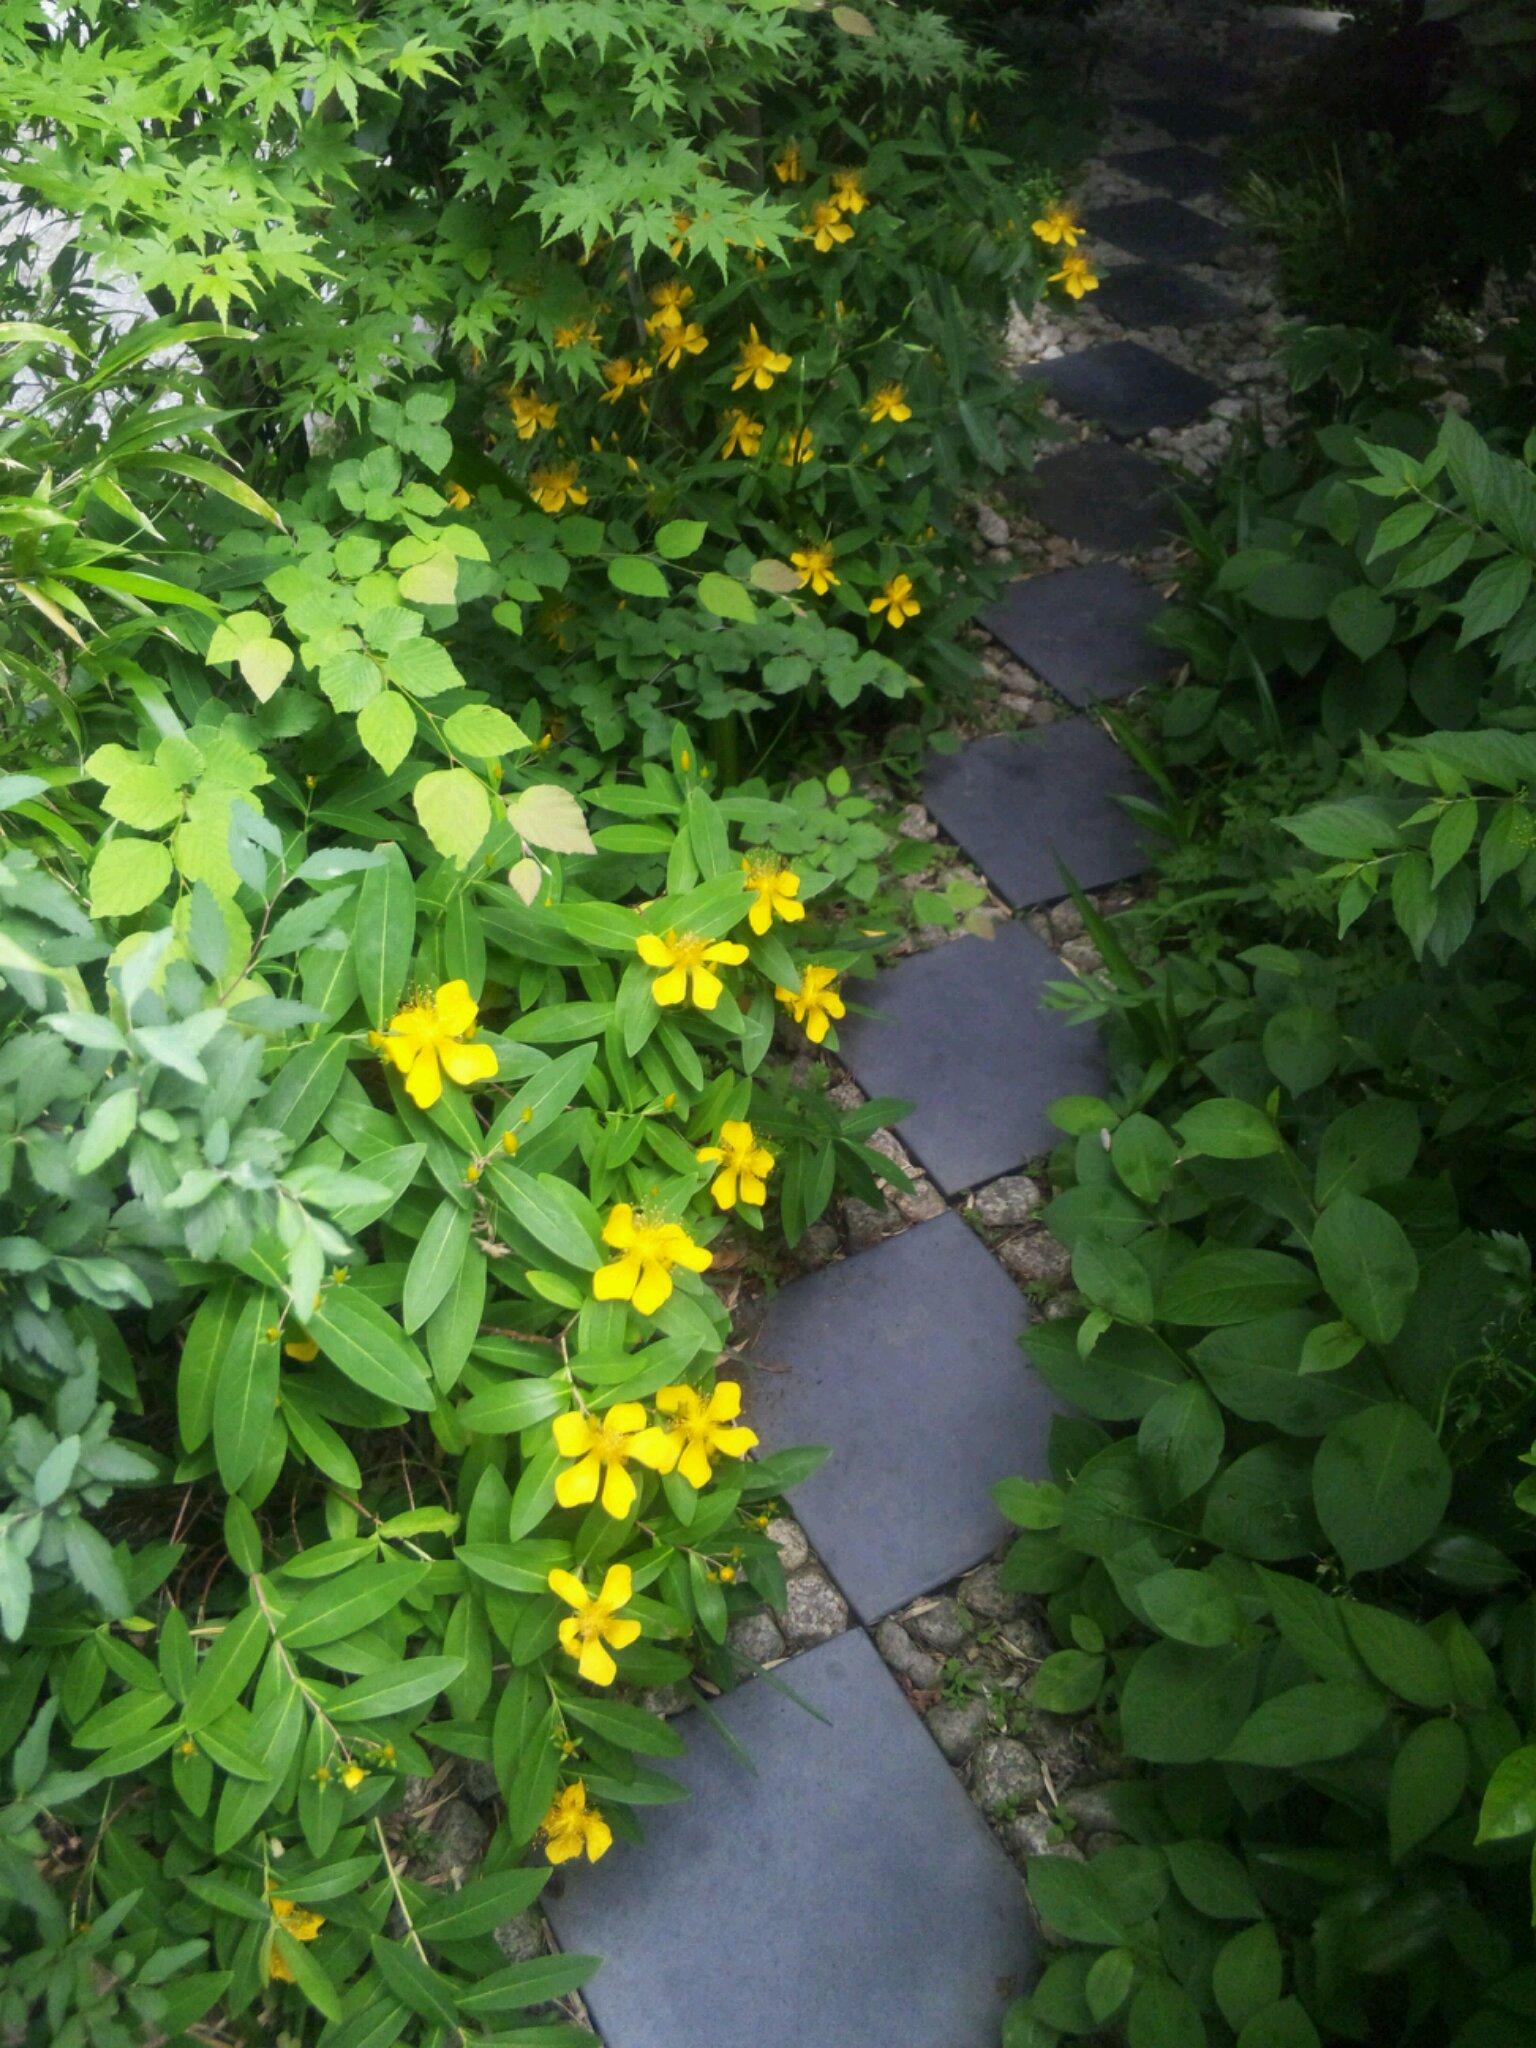 僕の家の庭に今年咲いた黄色い花たち_d0021969_149677.jpg